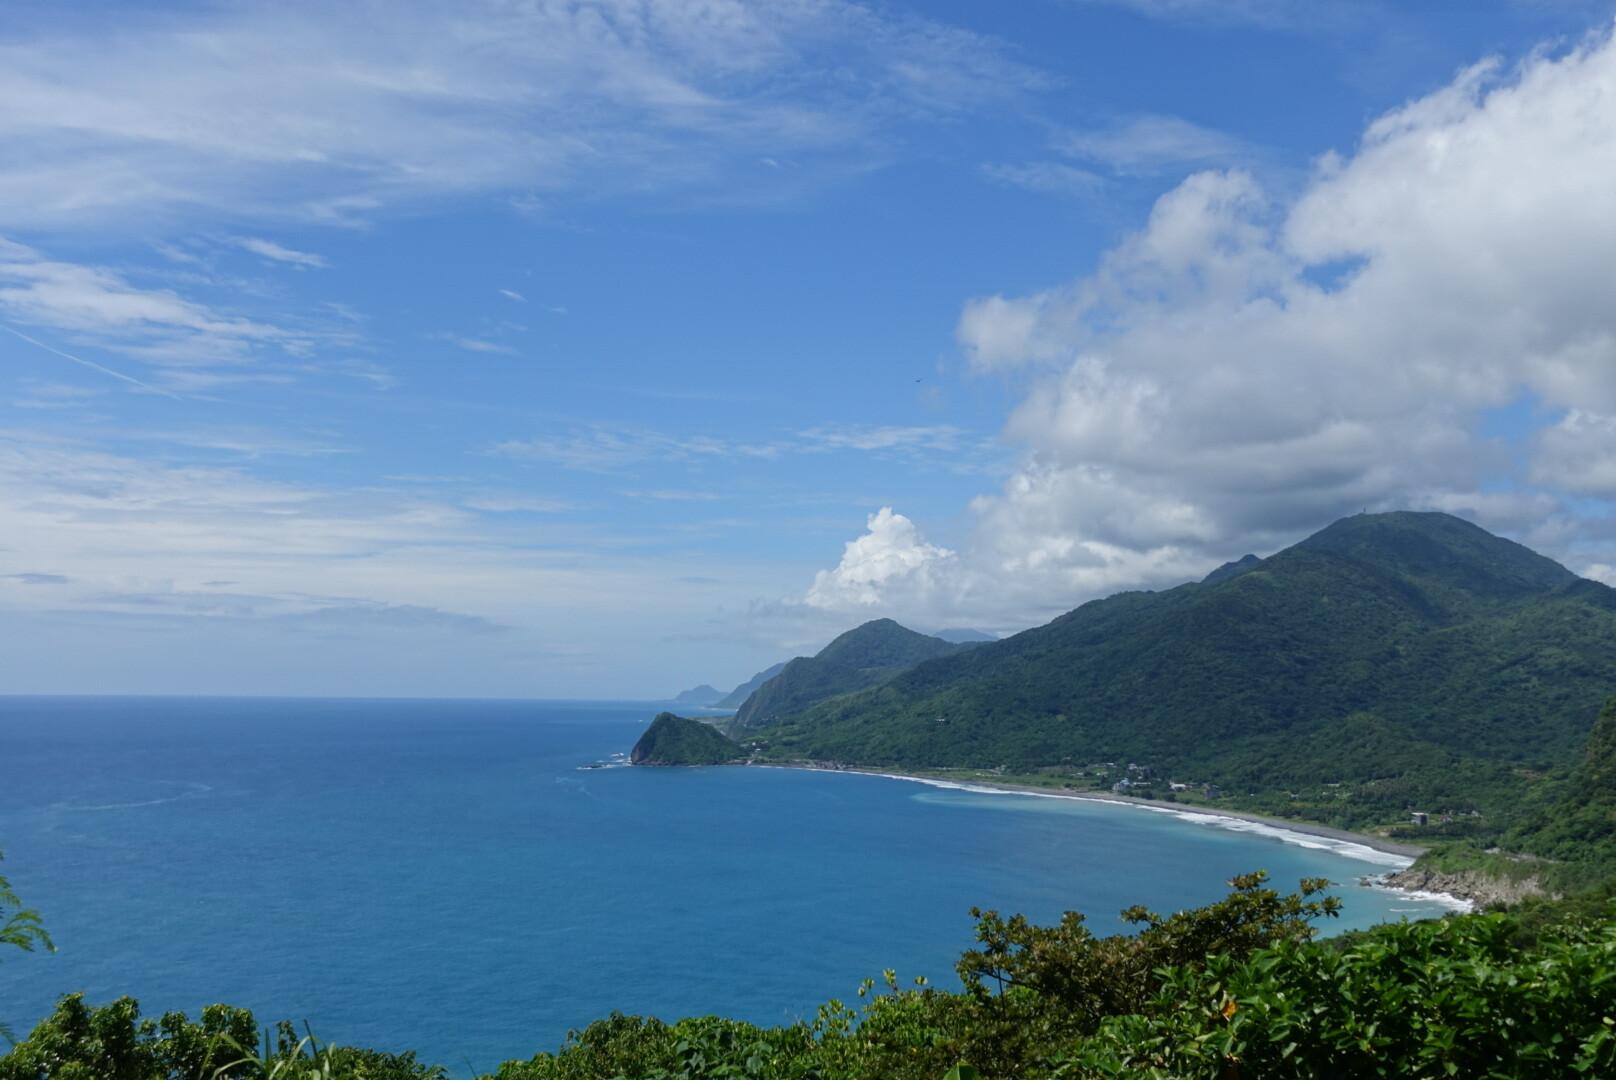 【花蓮豐濱】芭崎休息區|海線上的絕美海景,還有可口奶酪可以品嘗